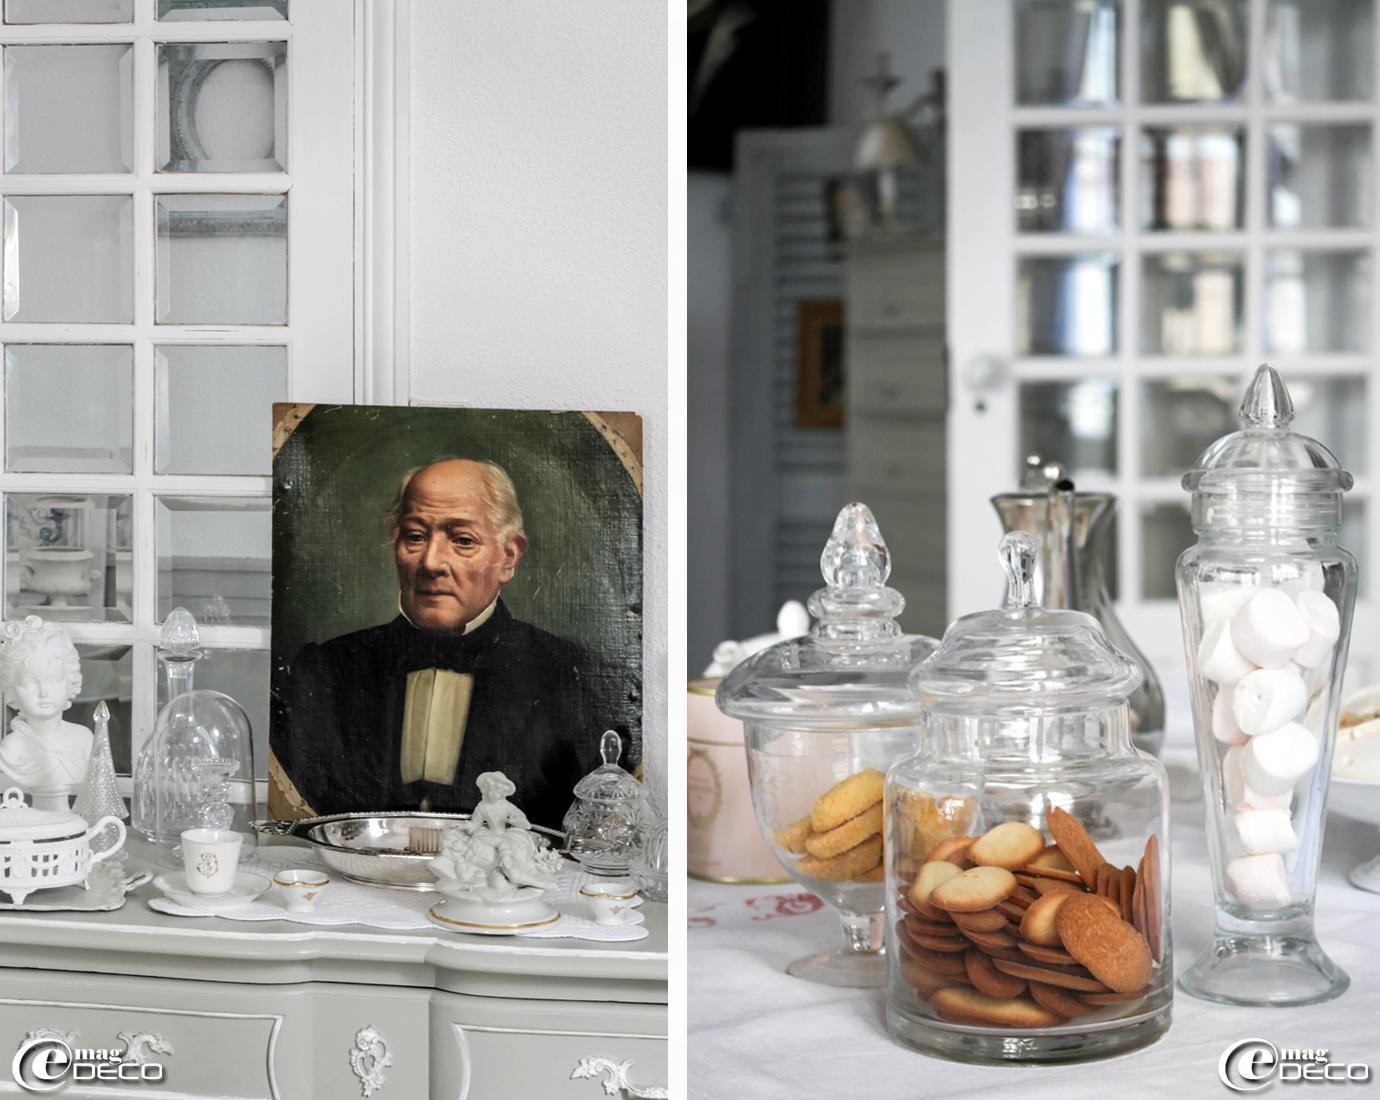 Naema de la boutique en ligne 'Sur un air Gustavien' met en scène dans son intérieur de vieux objets : portrait (huile sur toile) chiné à L'Isle-sur-la-Sorgue, vaisselle en porcelaine, verrerie et argenterie